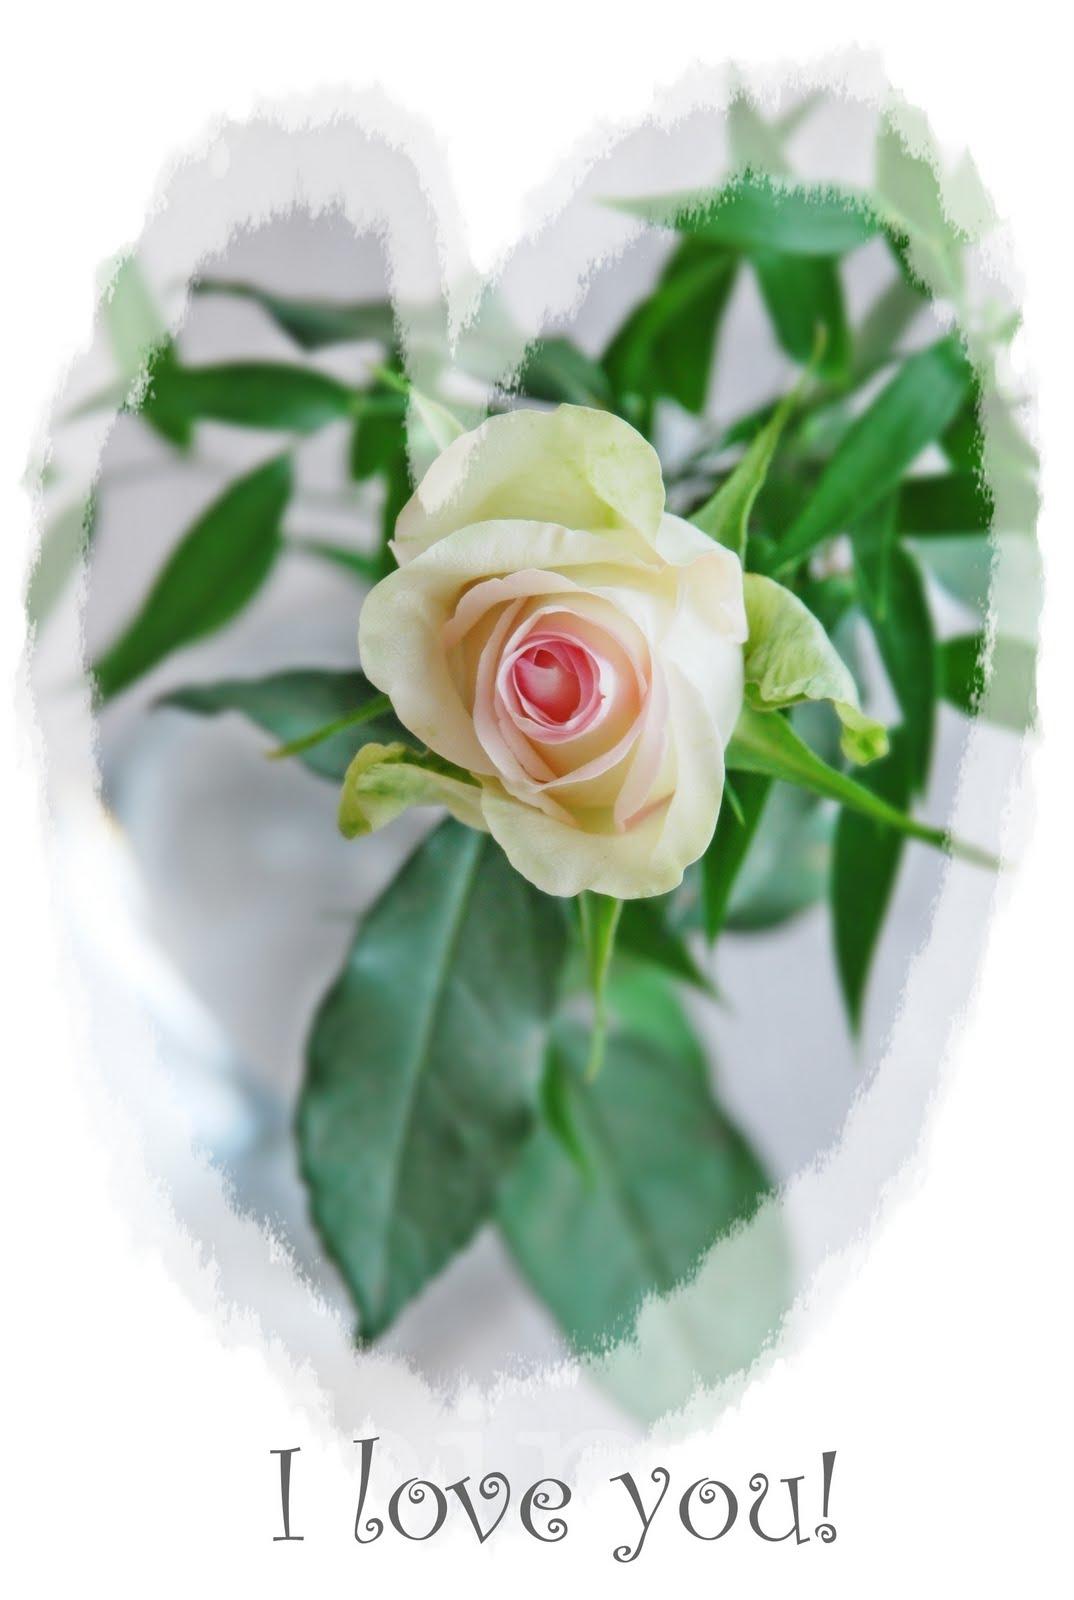 bröllopsdag 10 år present 10 år av lycka och kärlek bröllopsdag 10 år present